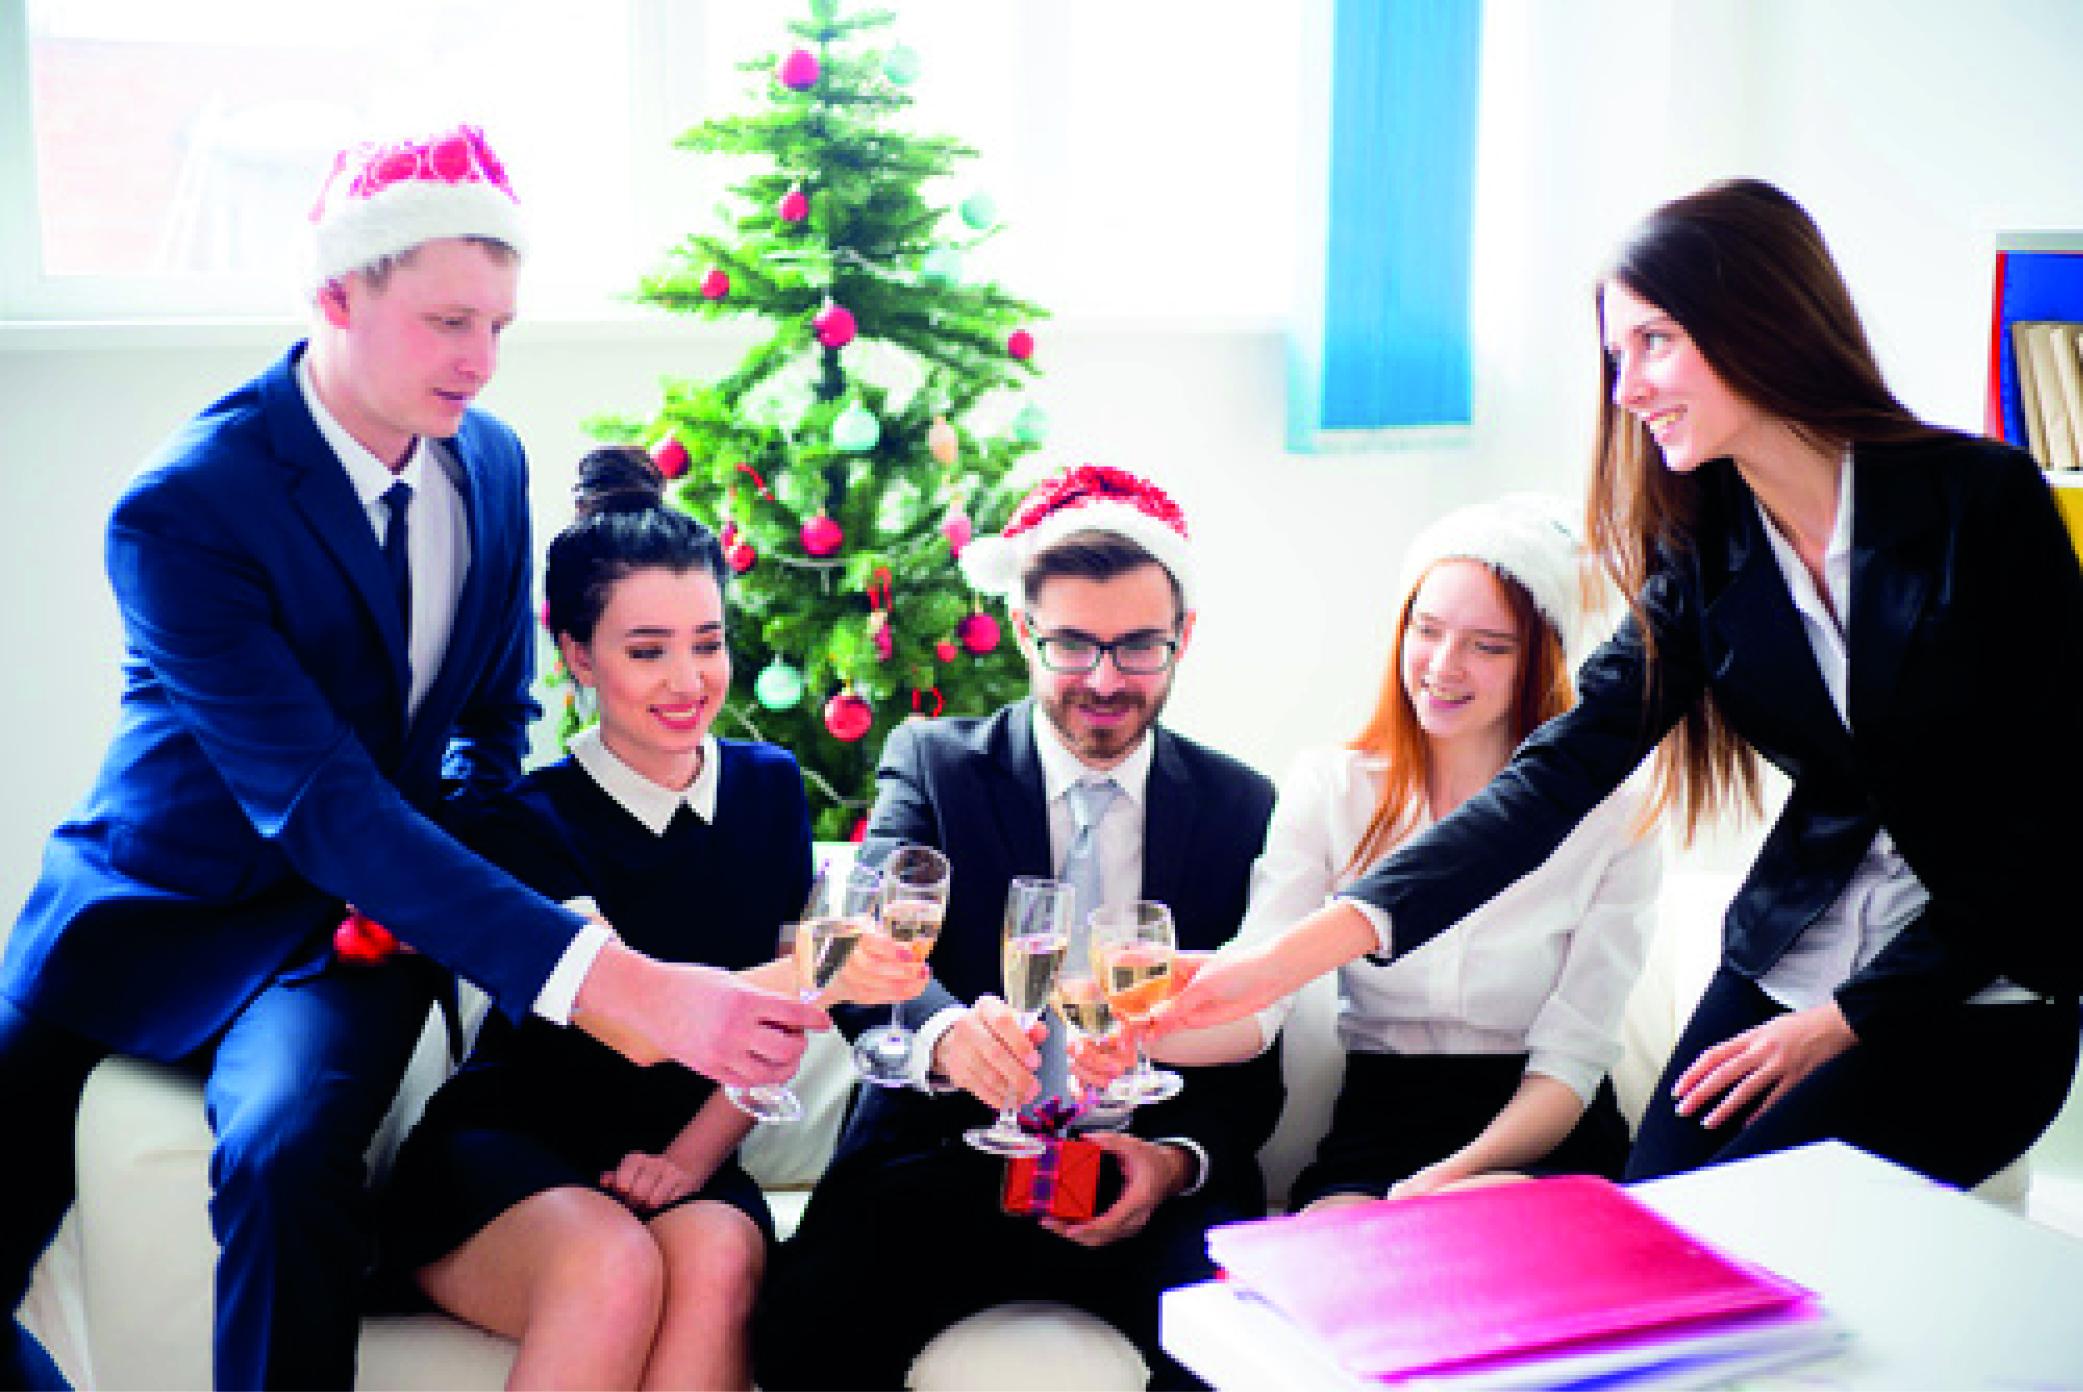 Neben dem Weihnachtsgeld auch die Weihnachtsfeier: Eine Gruppe von Arbeitnehmern stoßen gemeinsam auf eine gute Zusammenarbeit an.